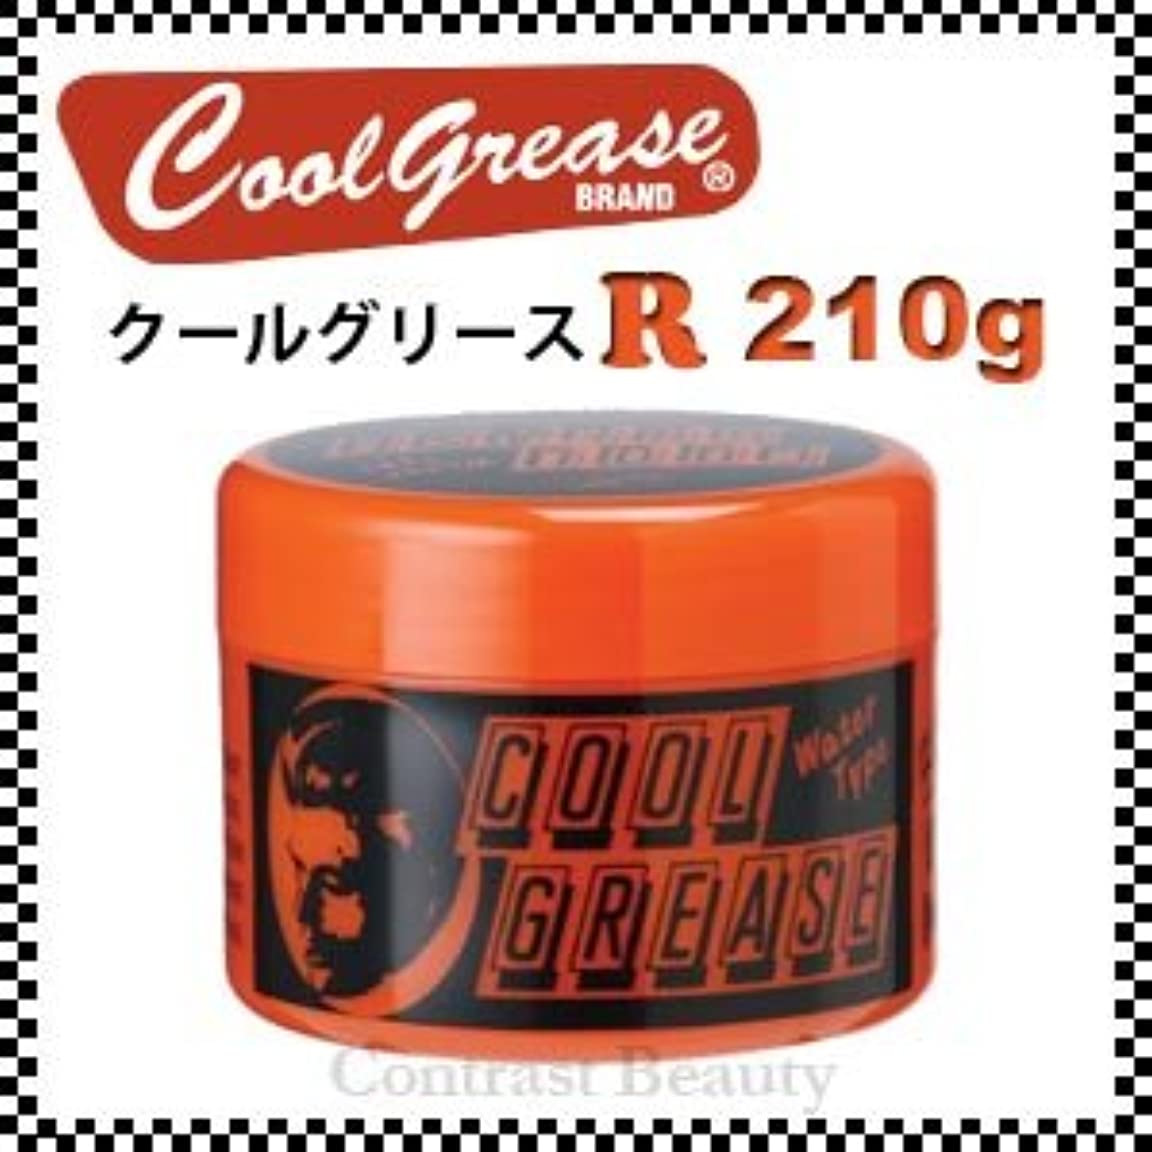 アセロバ部族【X3個セット】 阪本高生堂 クールグリース R 210g